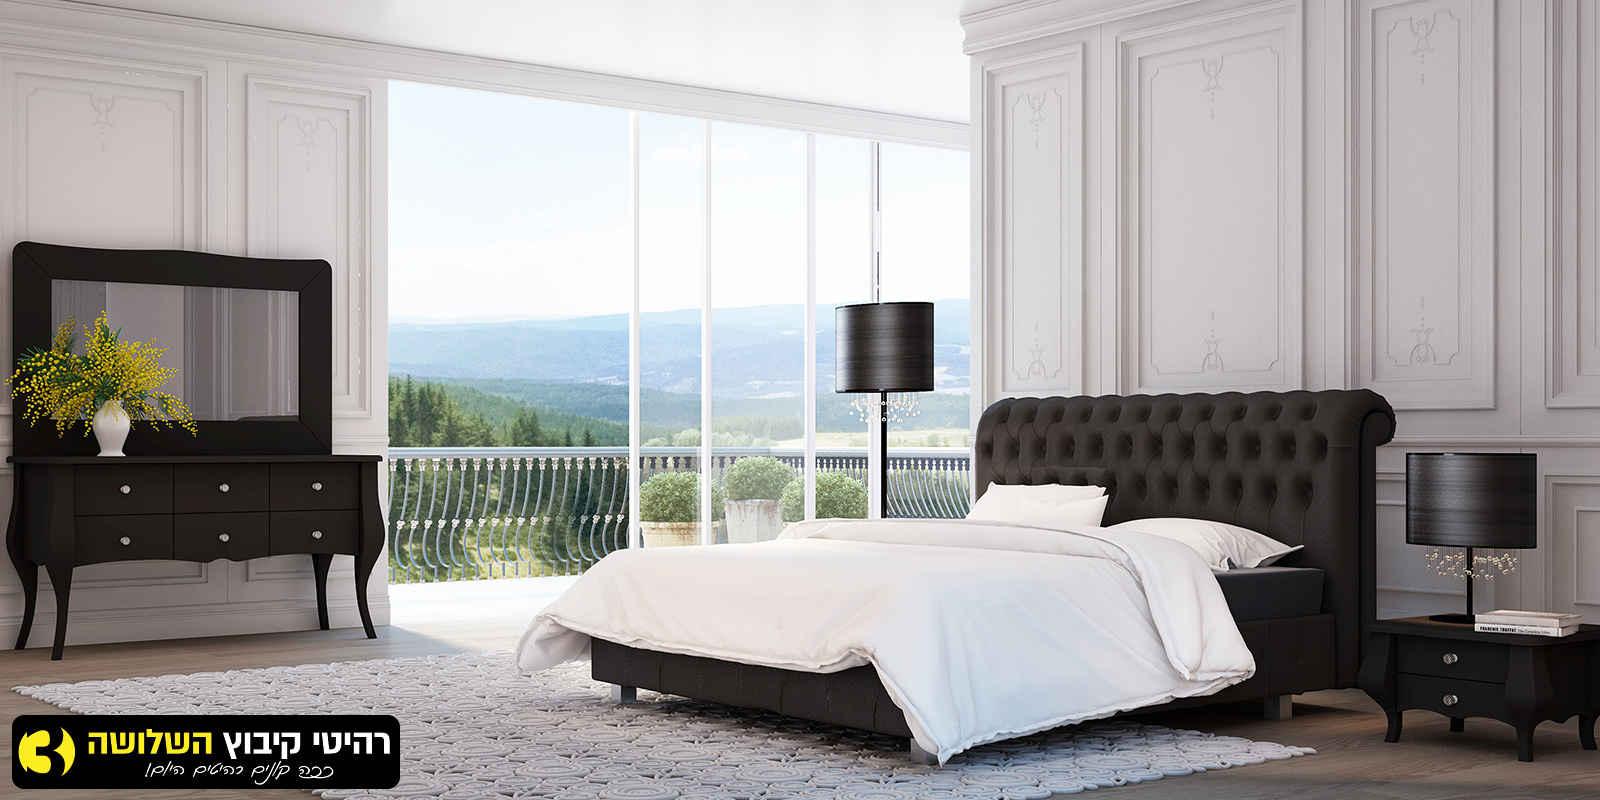 חדר שינה מעוצב צ'סטר